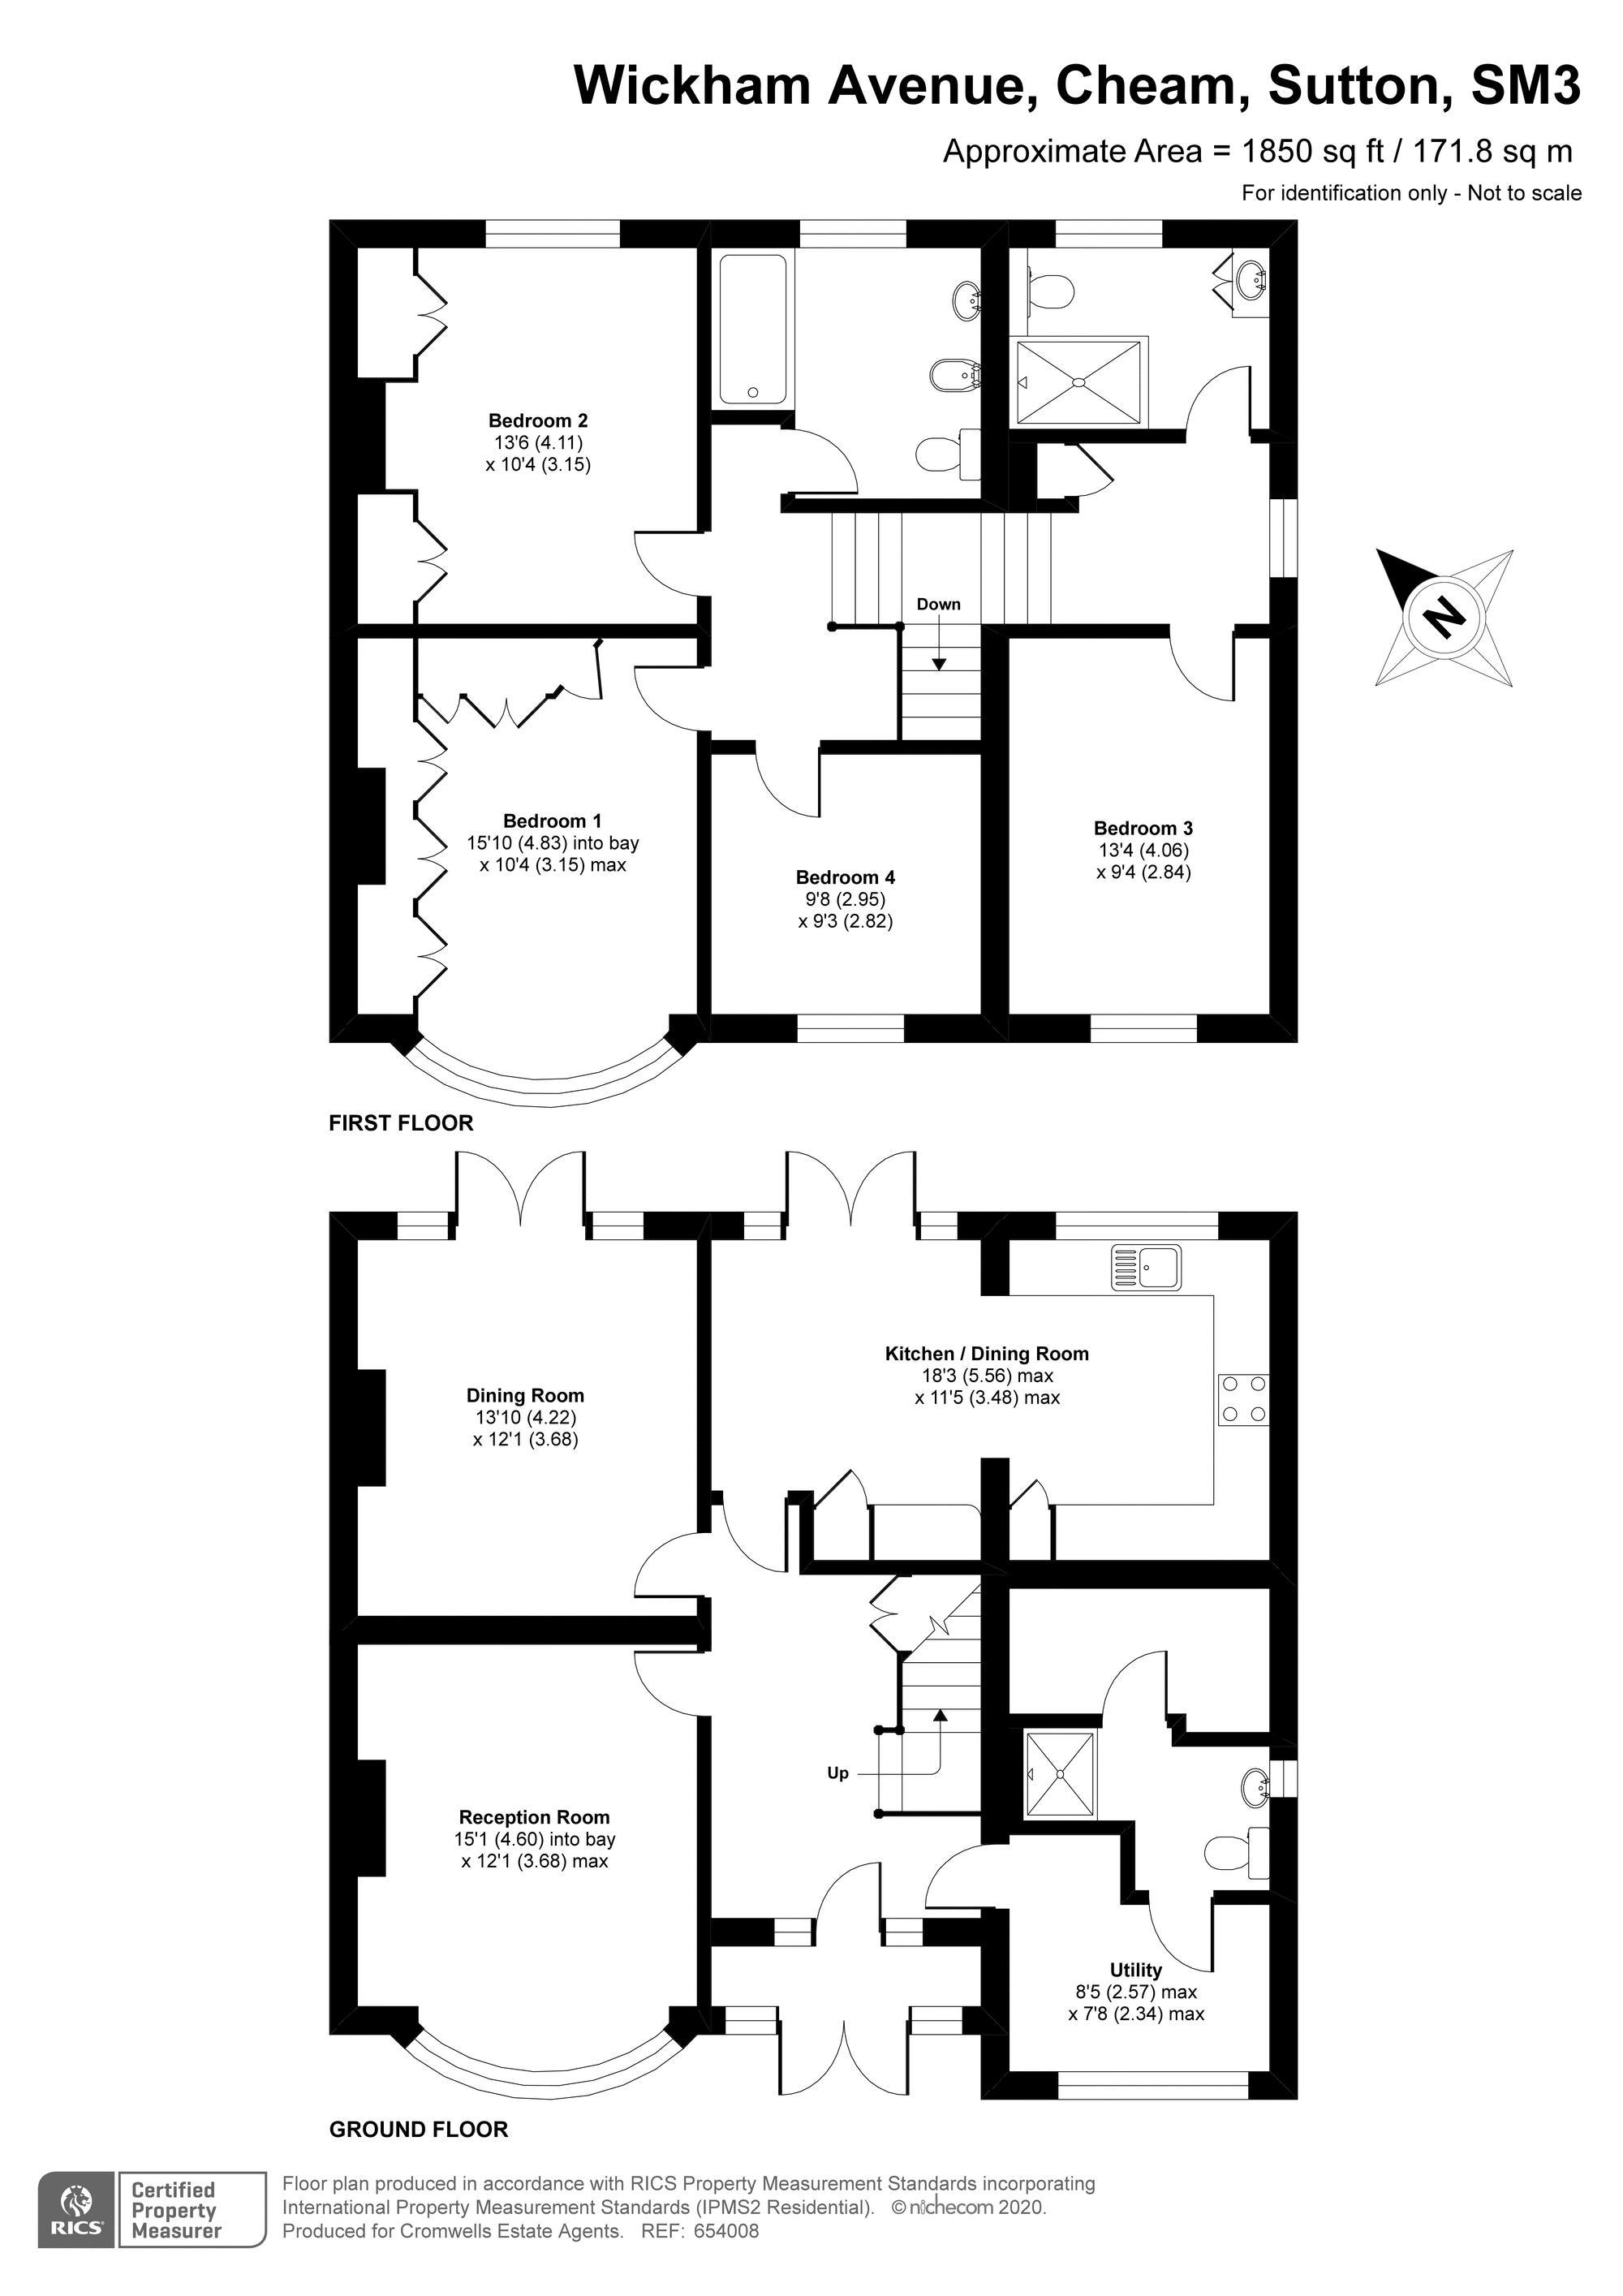 4 bedroom semi detached house SSTC in Sutton - floorplan 1.